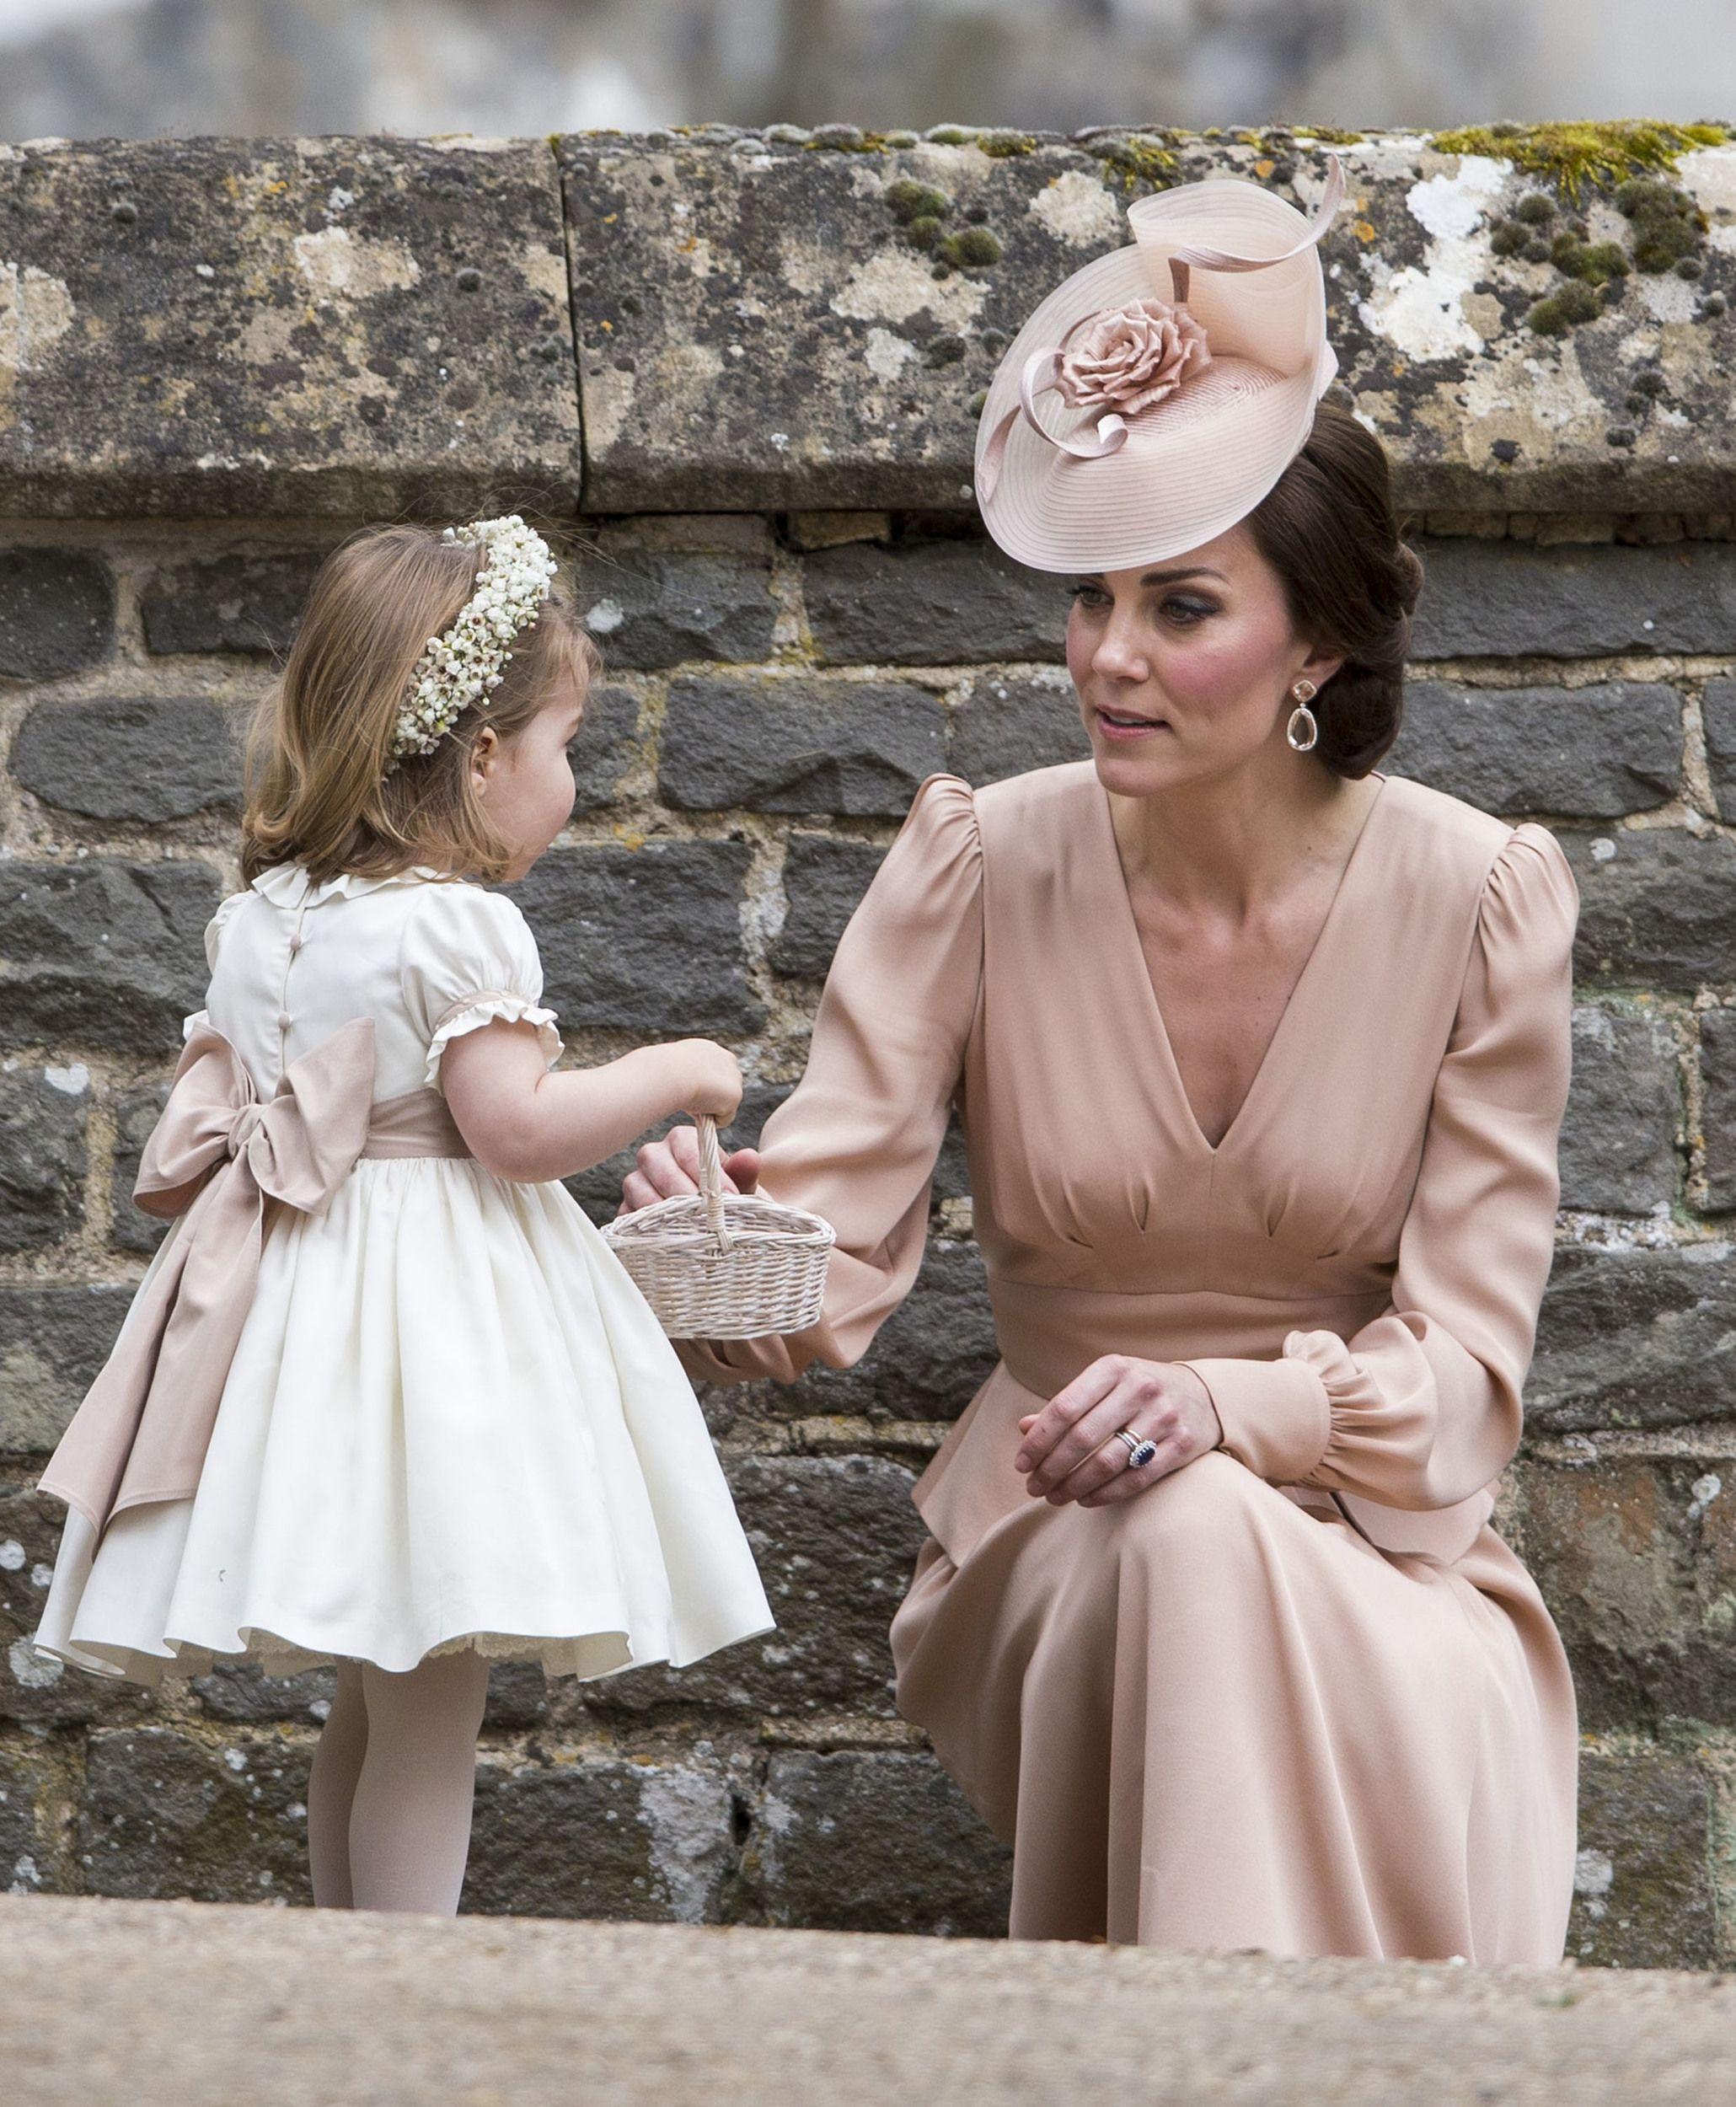 cdac5a9a Hertogin Kate, Hertogin Van Cambridge, William Kate, Rodin, Prinses Kate  Middleton,